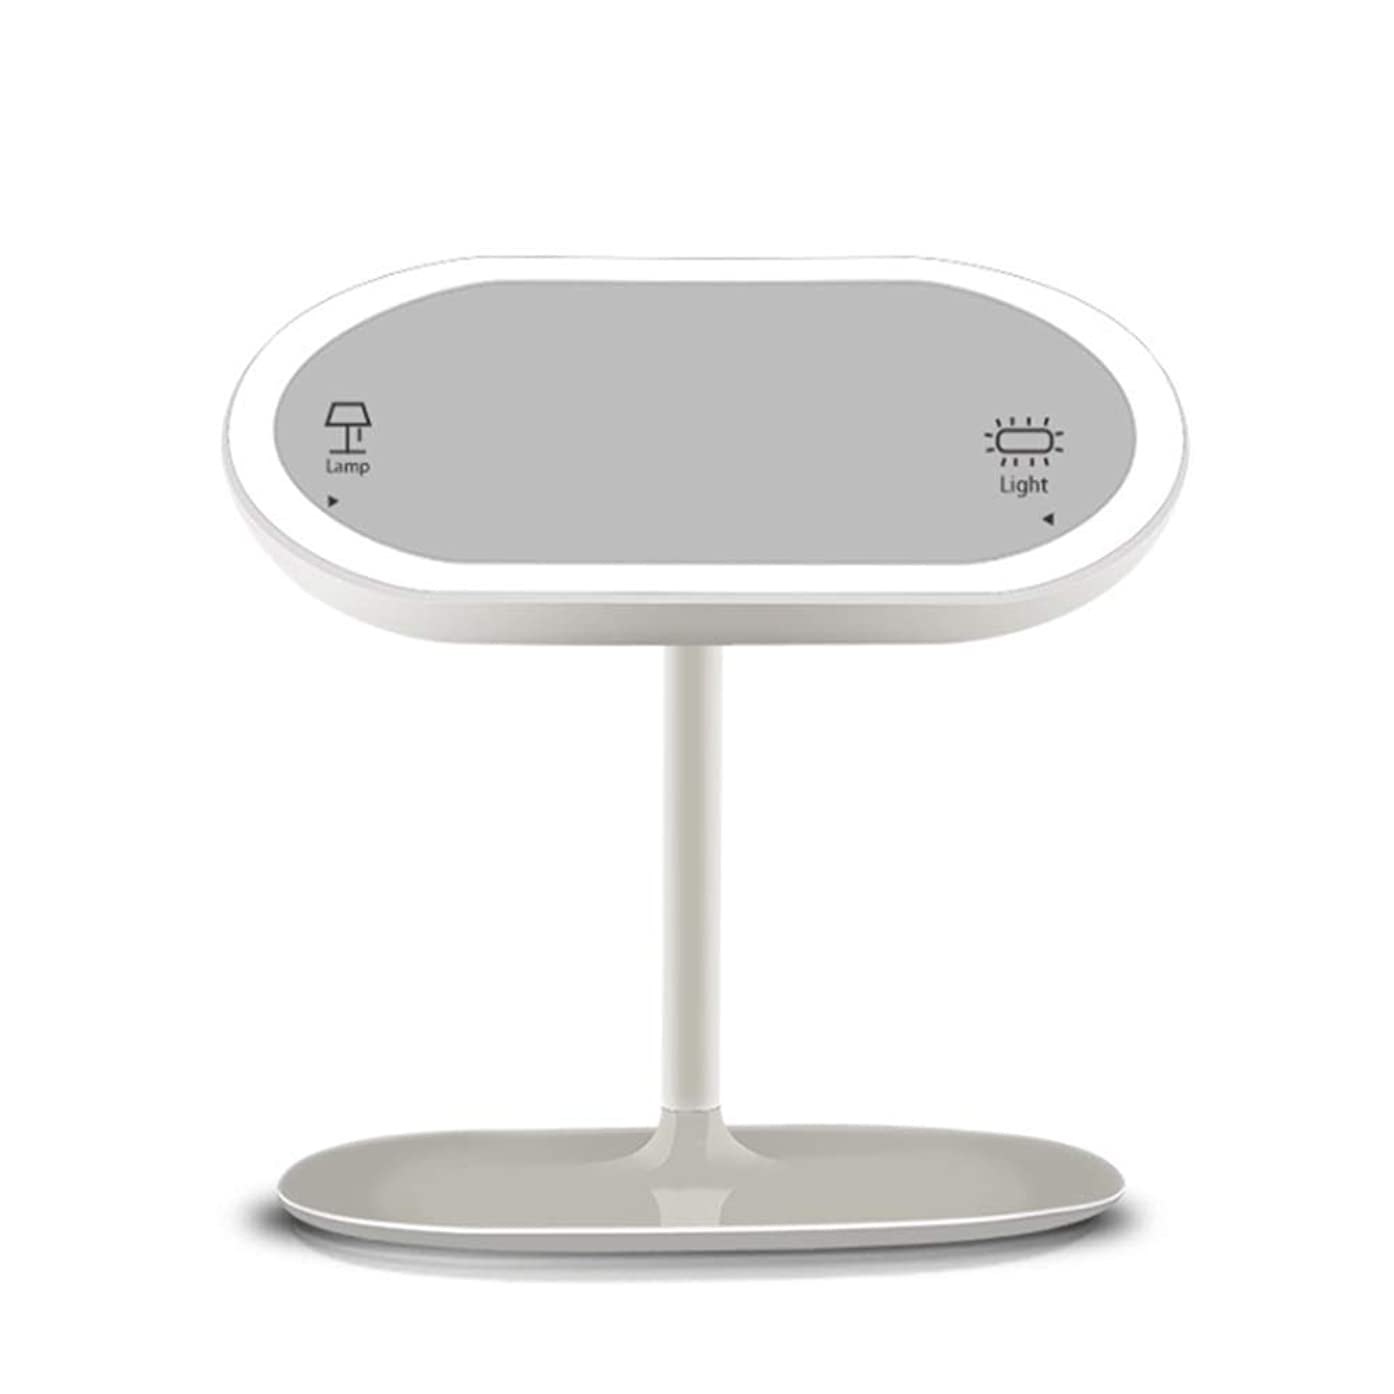 ギャロップ分離金銭的な化粧鏡 二重使用再充電可能な導かれた化粧の虚栄心ミラーが付いているテーブルライトタッチスクリーンが付いている照明付きミラー360°調節可能な回転USBケーブル メイクアップに最適 (色 : 白, サイズ : Free size)